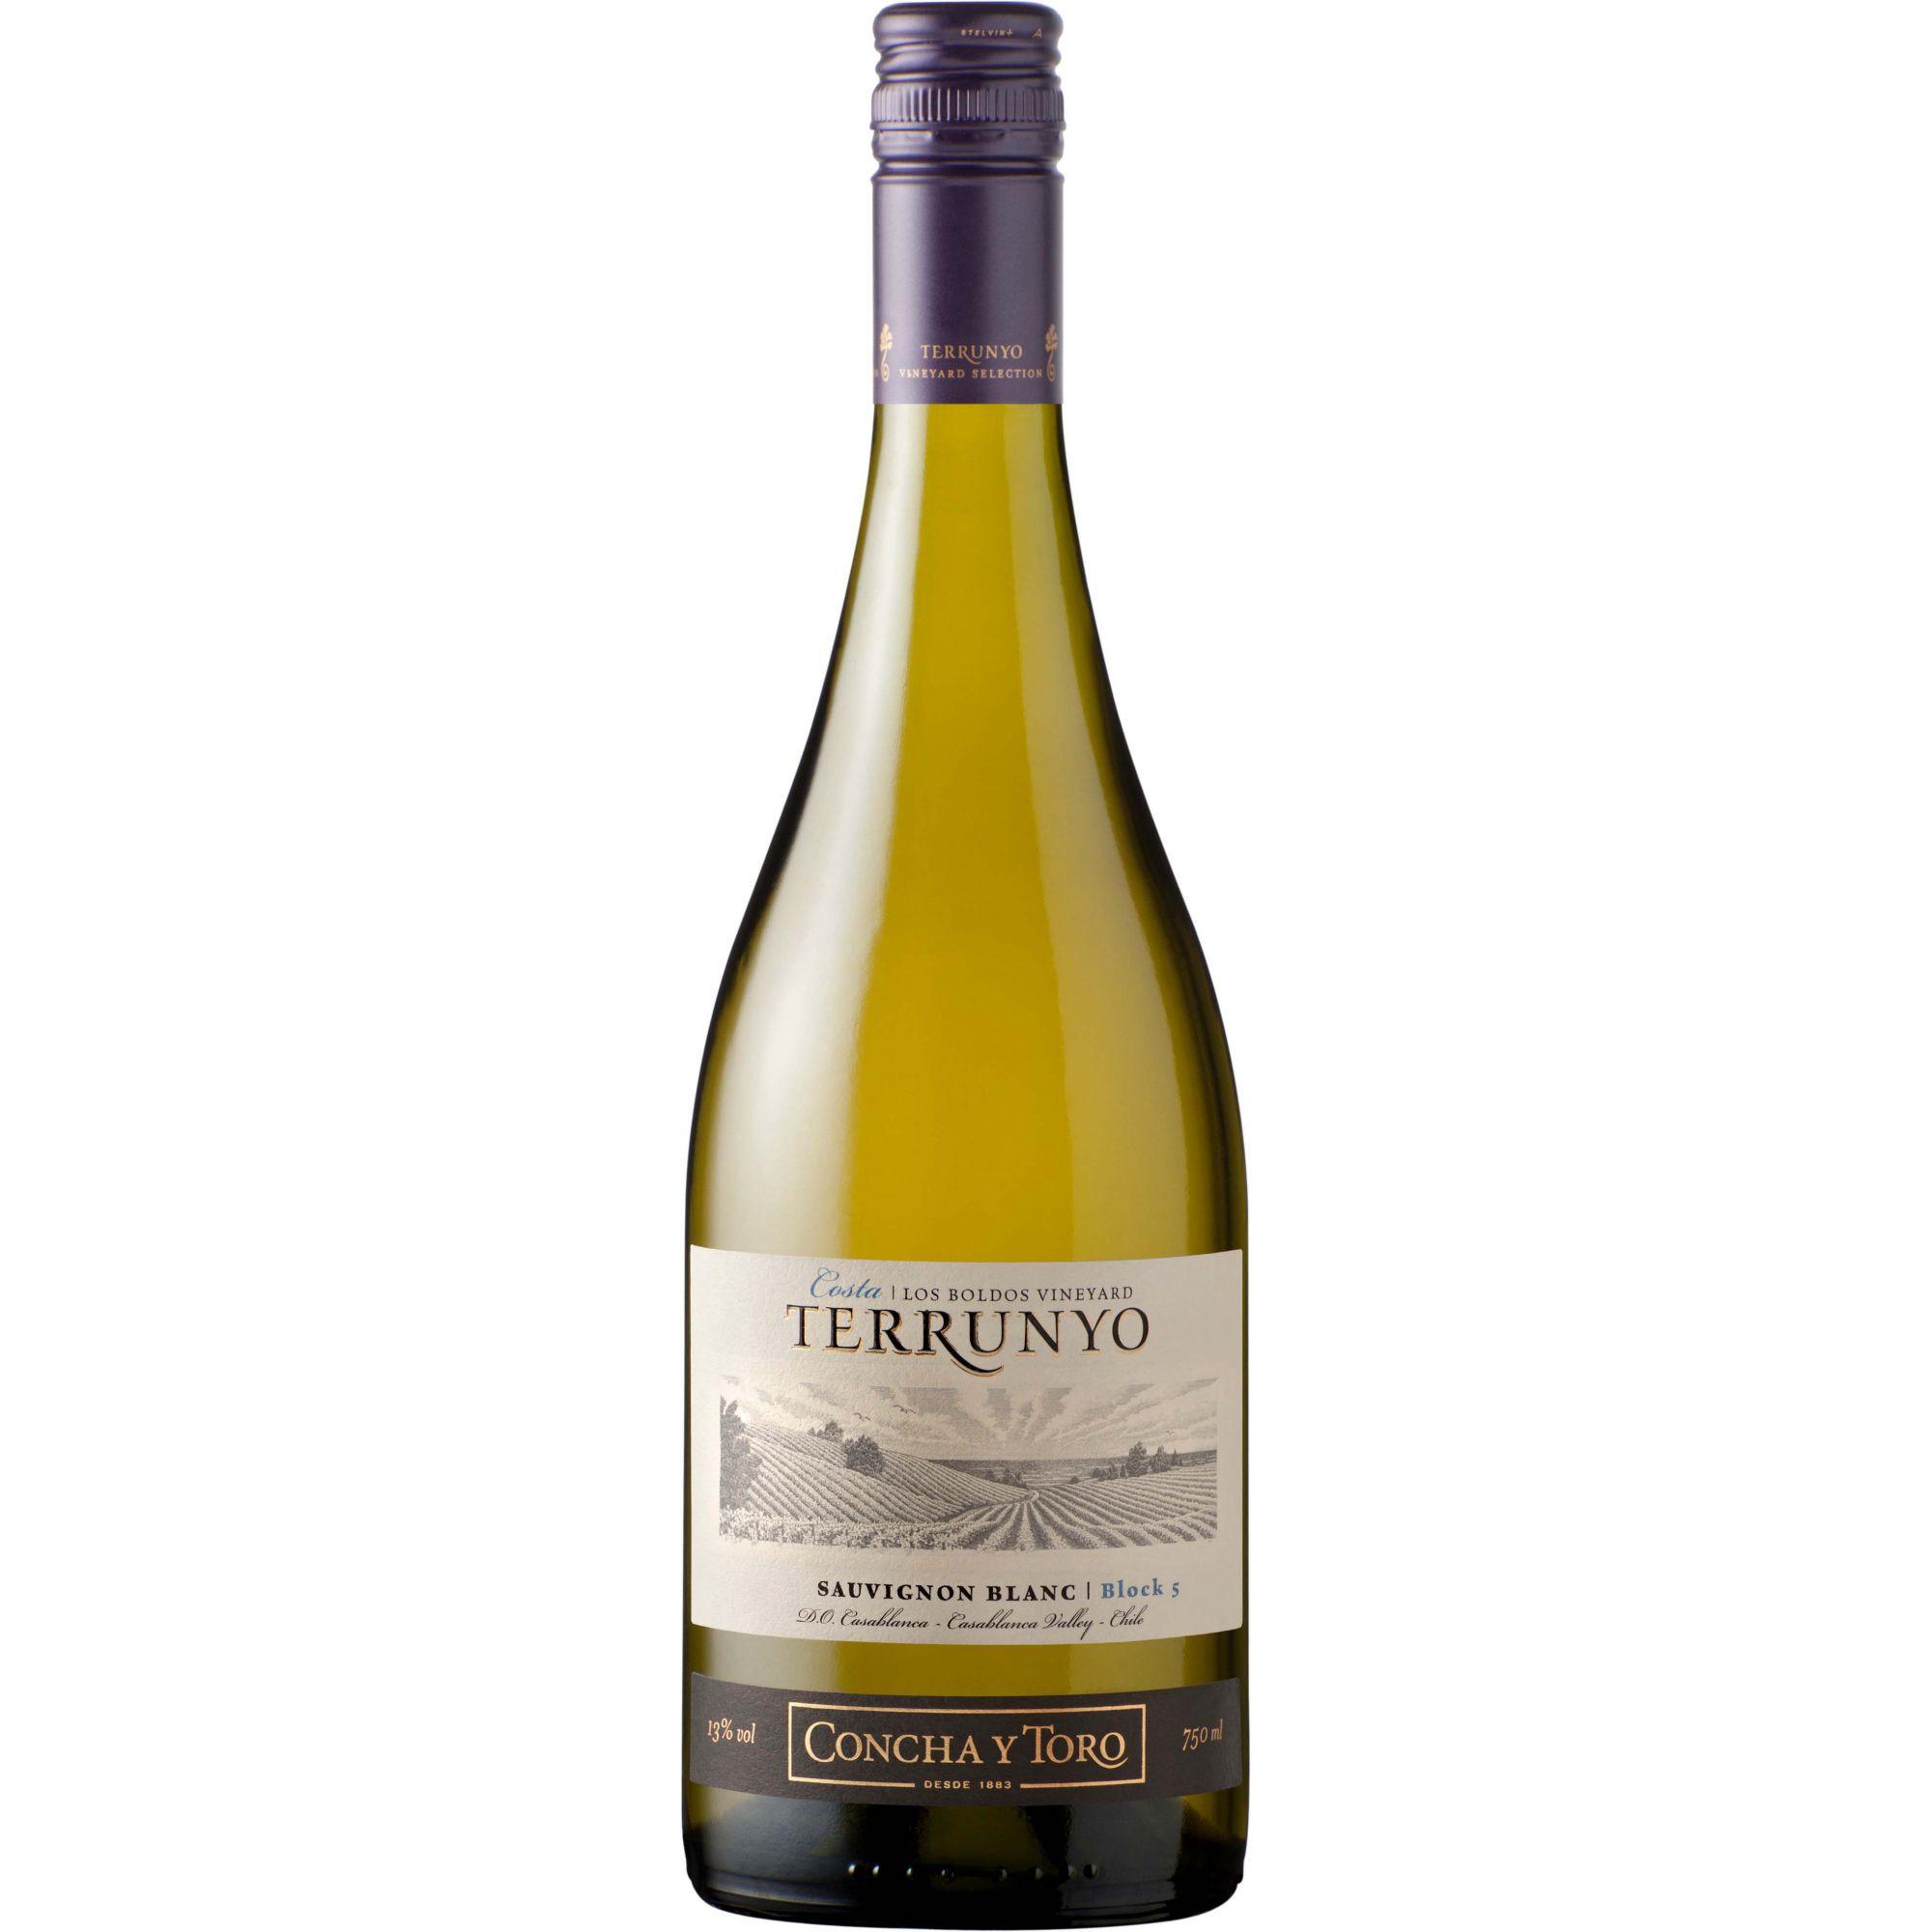 Vinho Terrunyo Sauvignon Blanc 2012